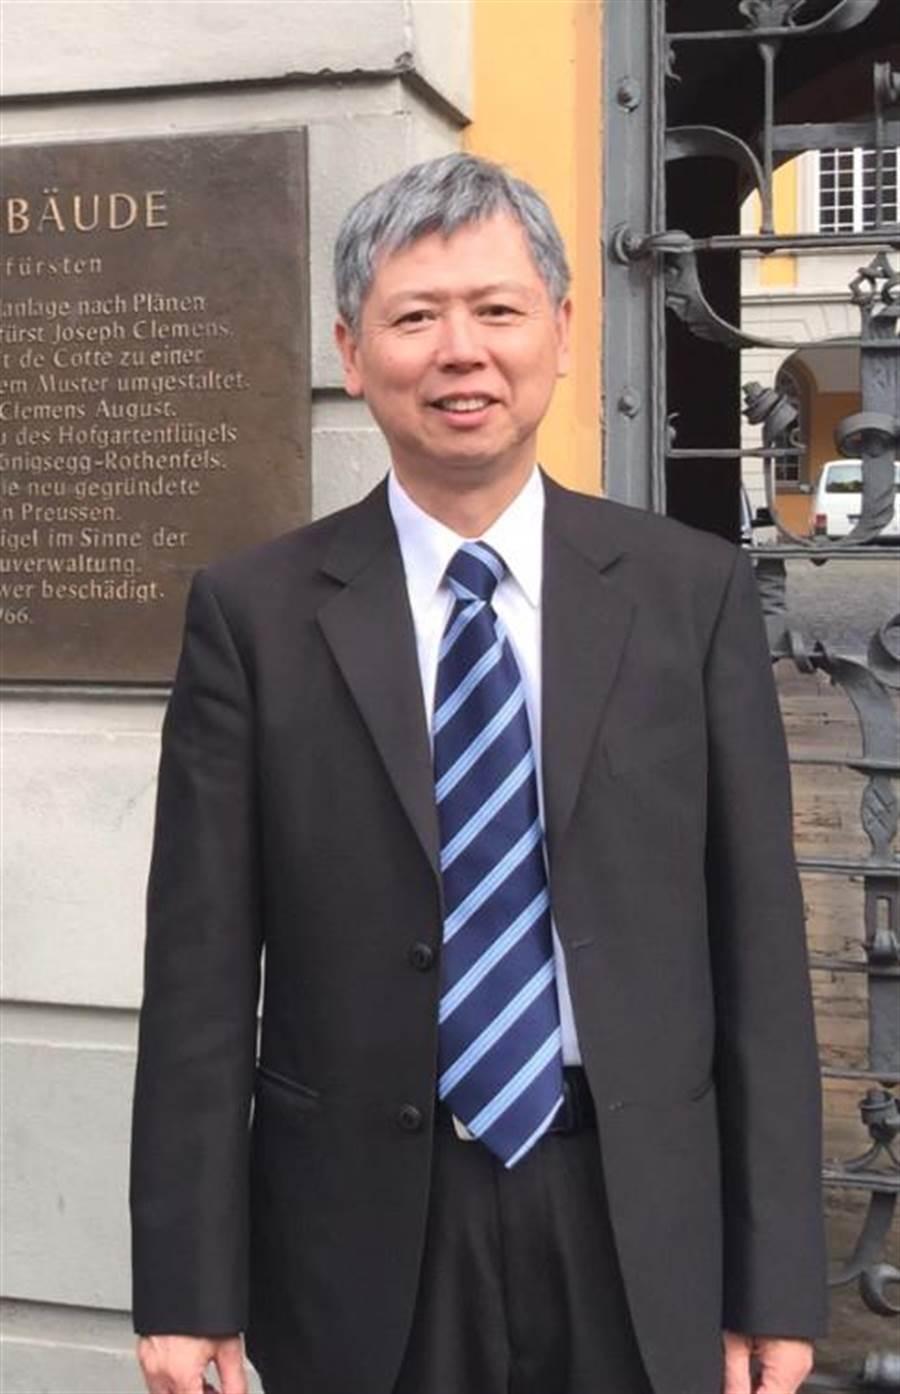 台灣港務公司董事長職缺將由台南市水利局局長李賢義接任。(圖/取自台南市政府水利局網站)